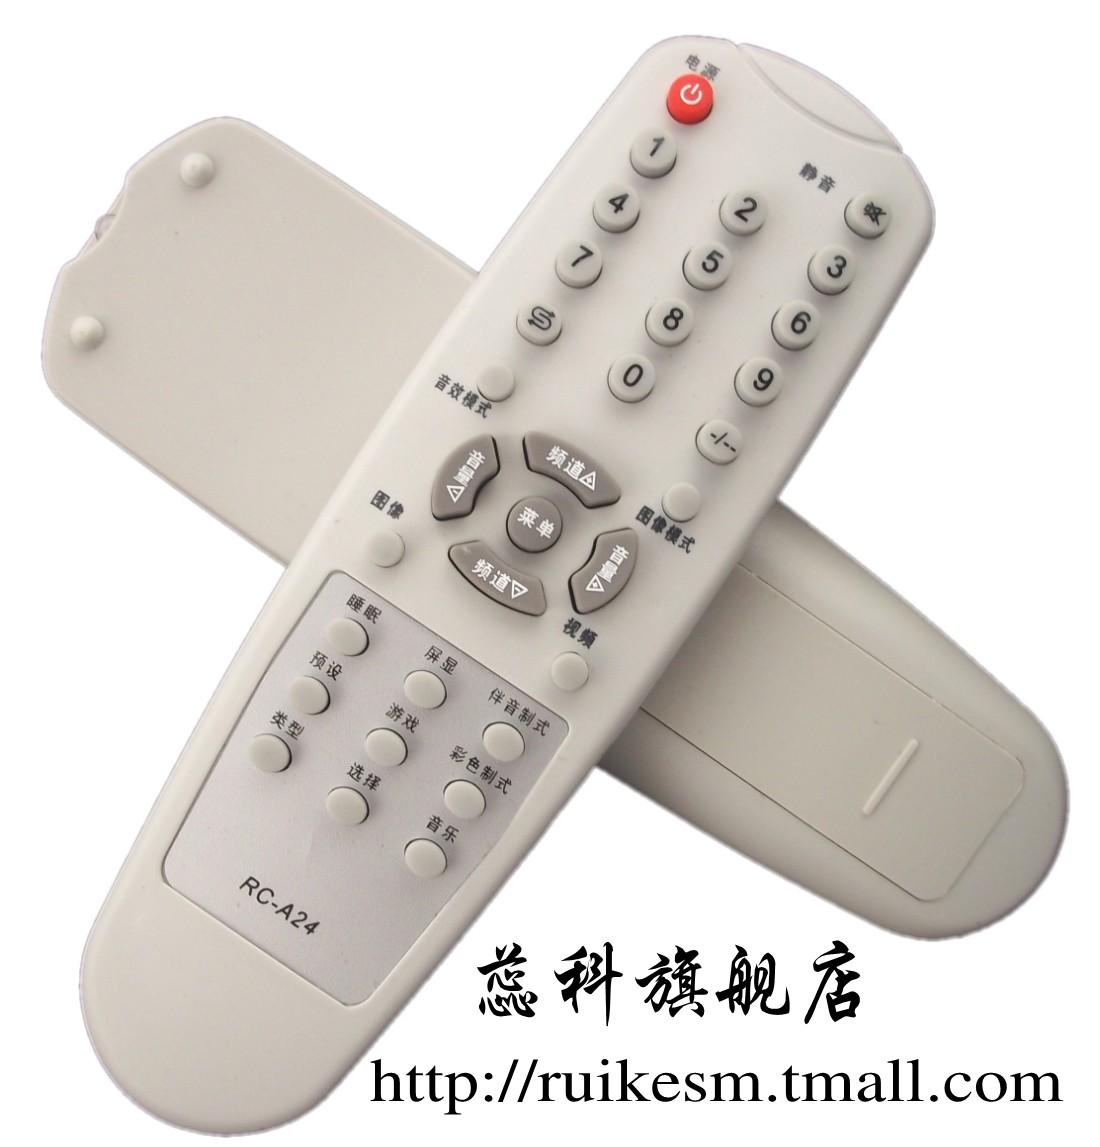 Buy Prima tv remote control rc-a24 TS2180/TS2181/TS2187 in